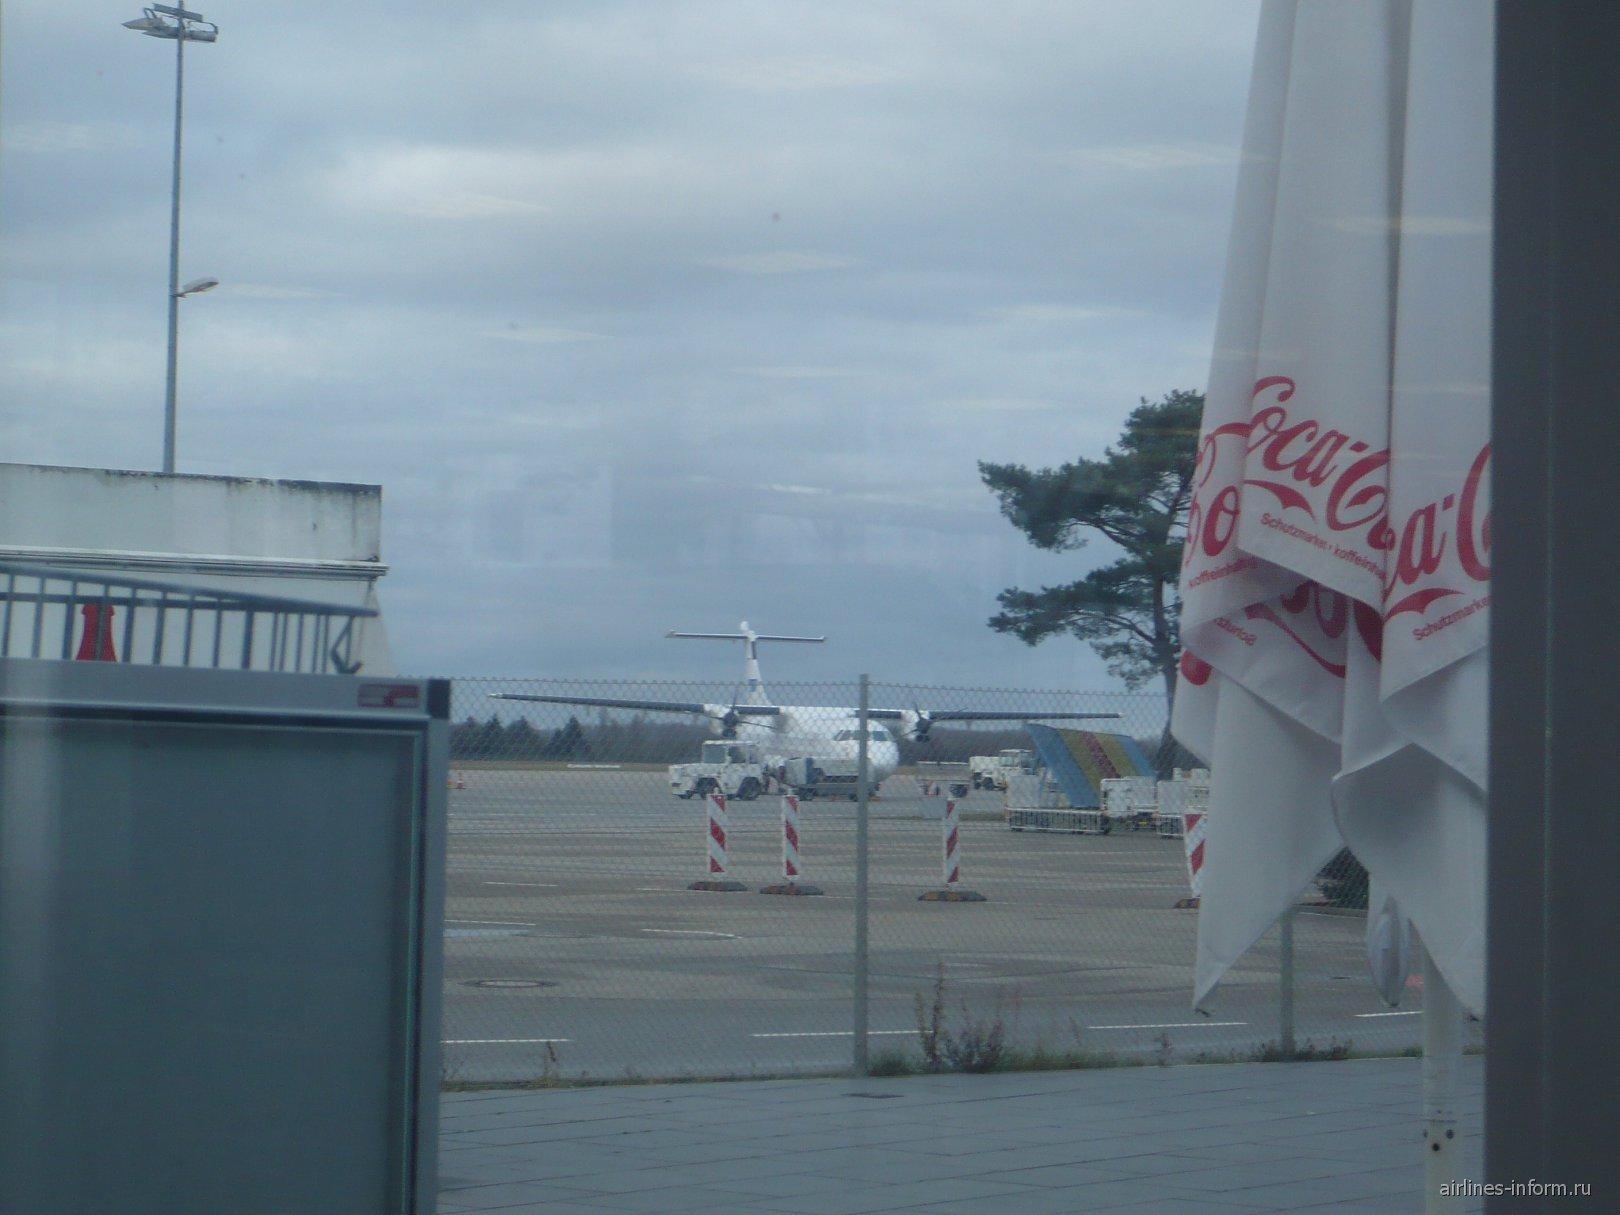 Аэропорт Карлсруэ Баден-Баден